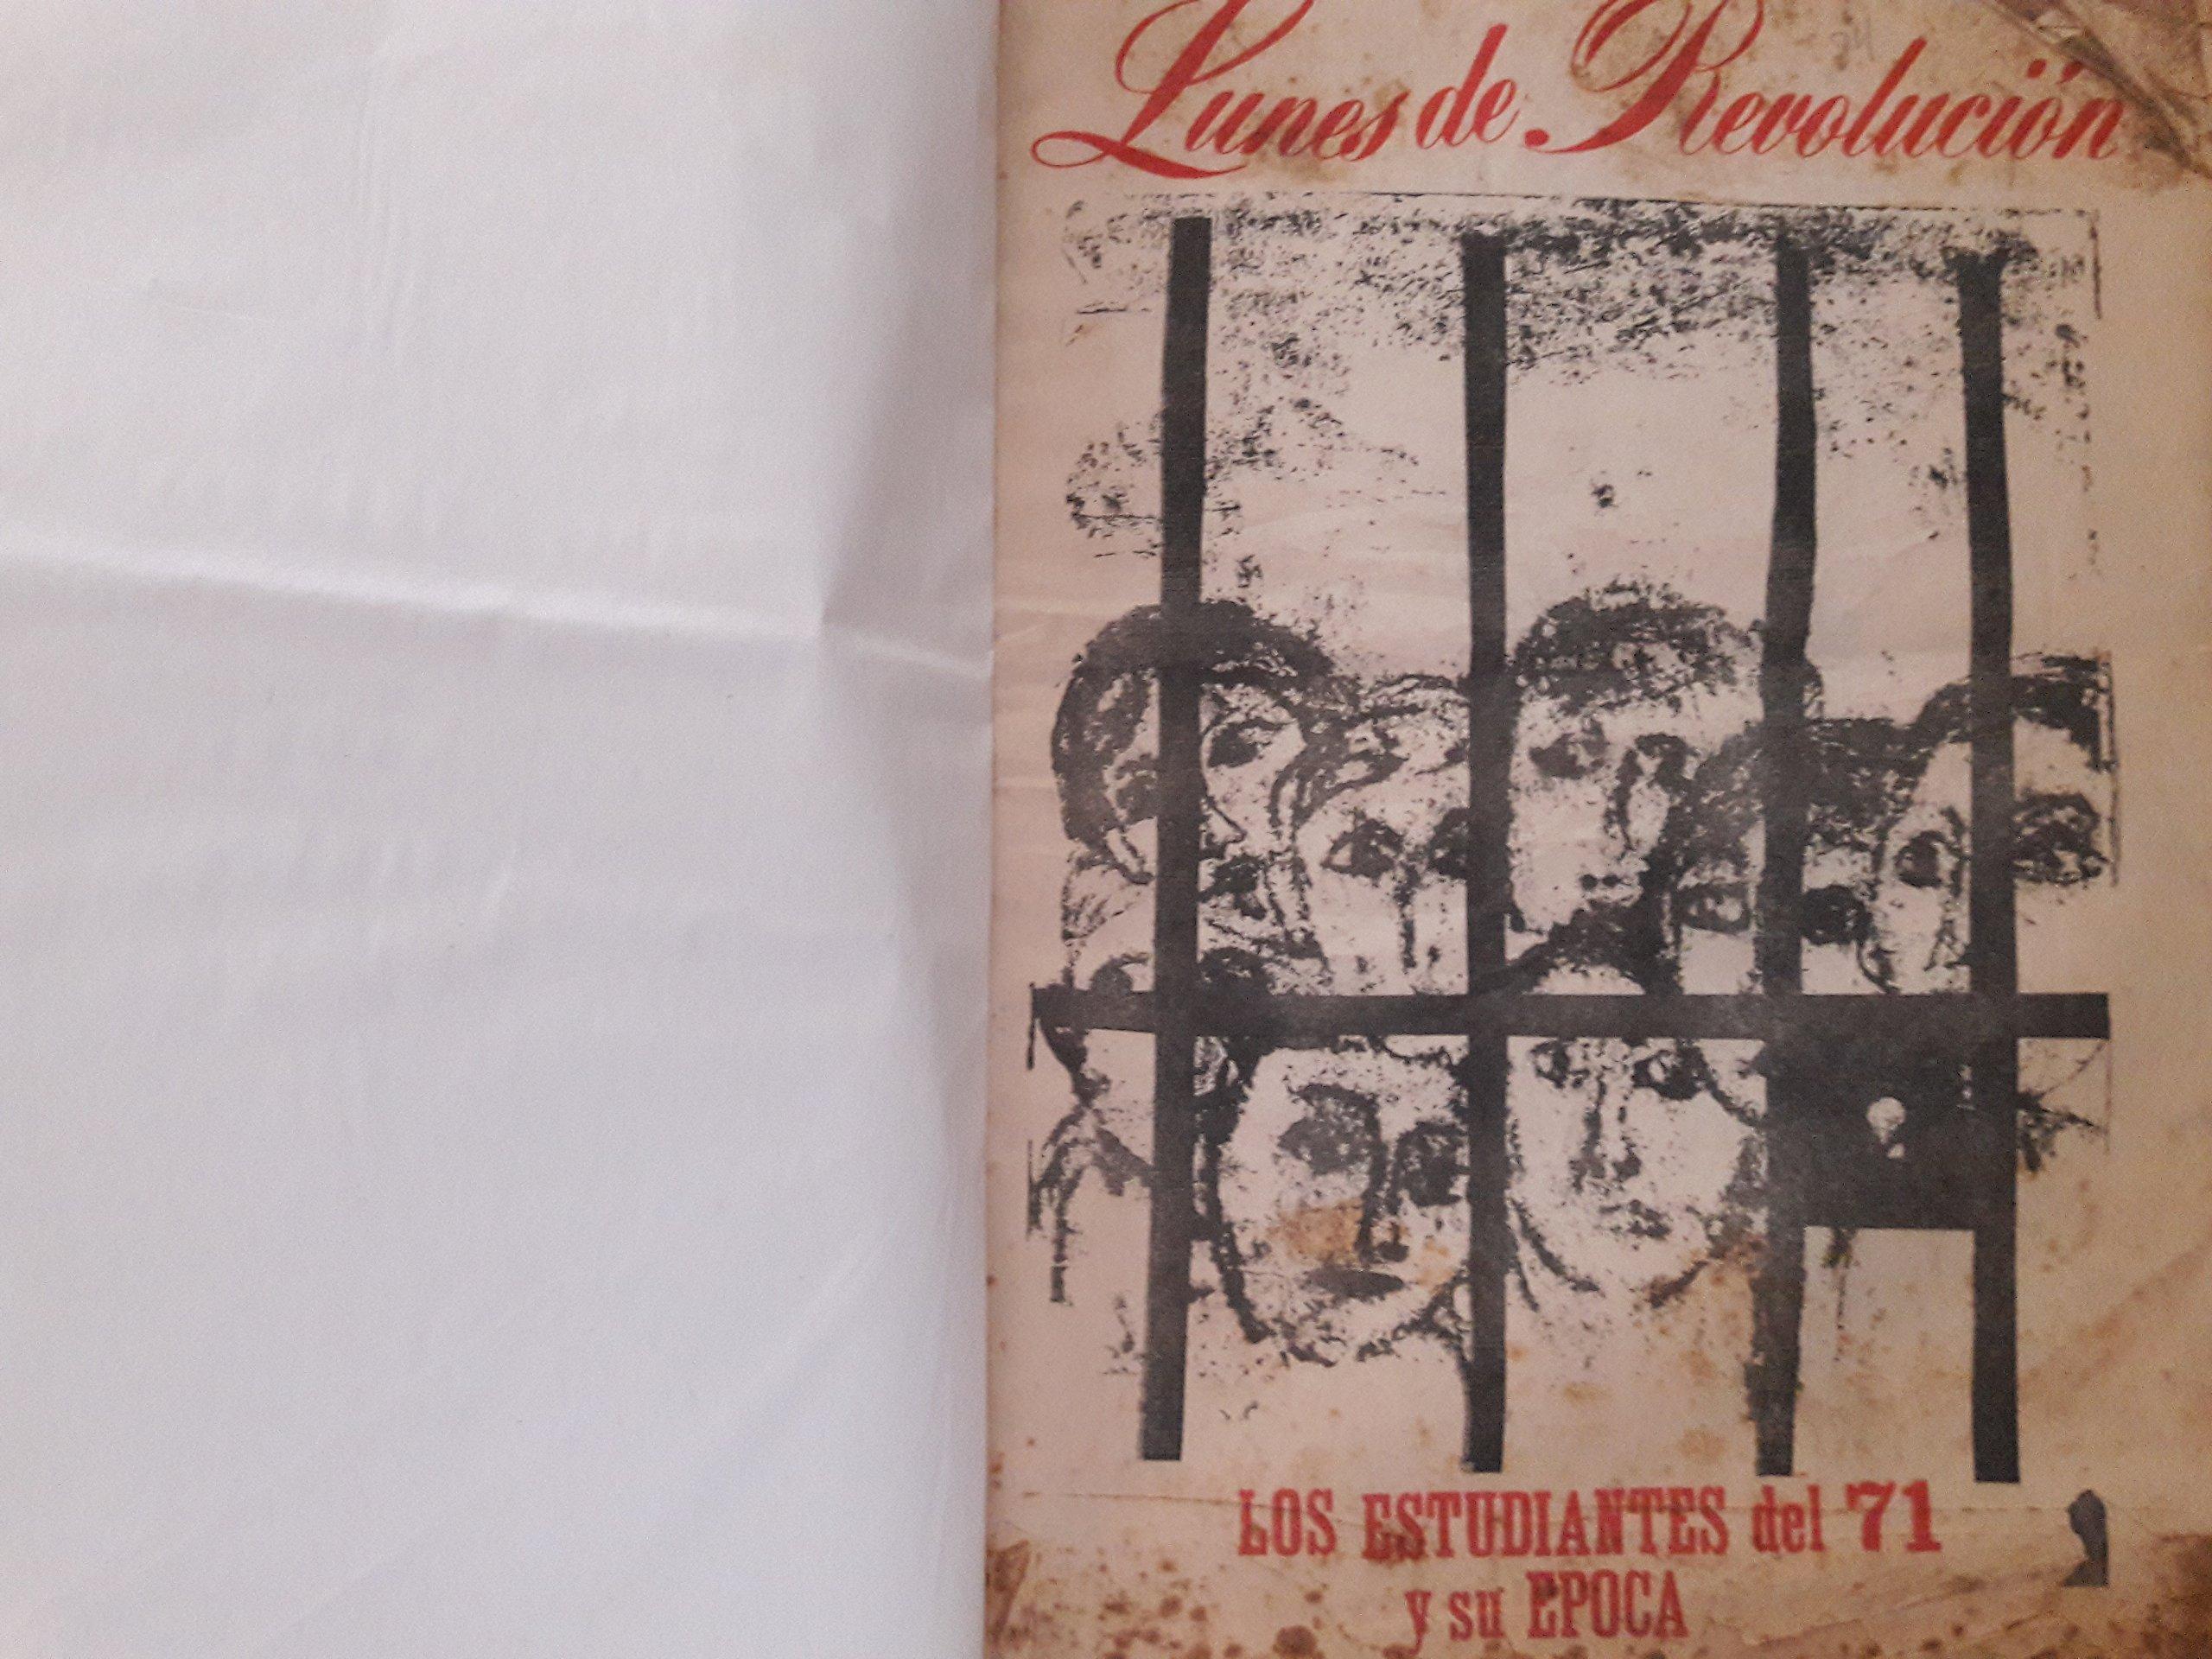 Amazon.com: Lunes de revolucion.revistas,numeros,84,85,86.87 ...